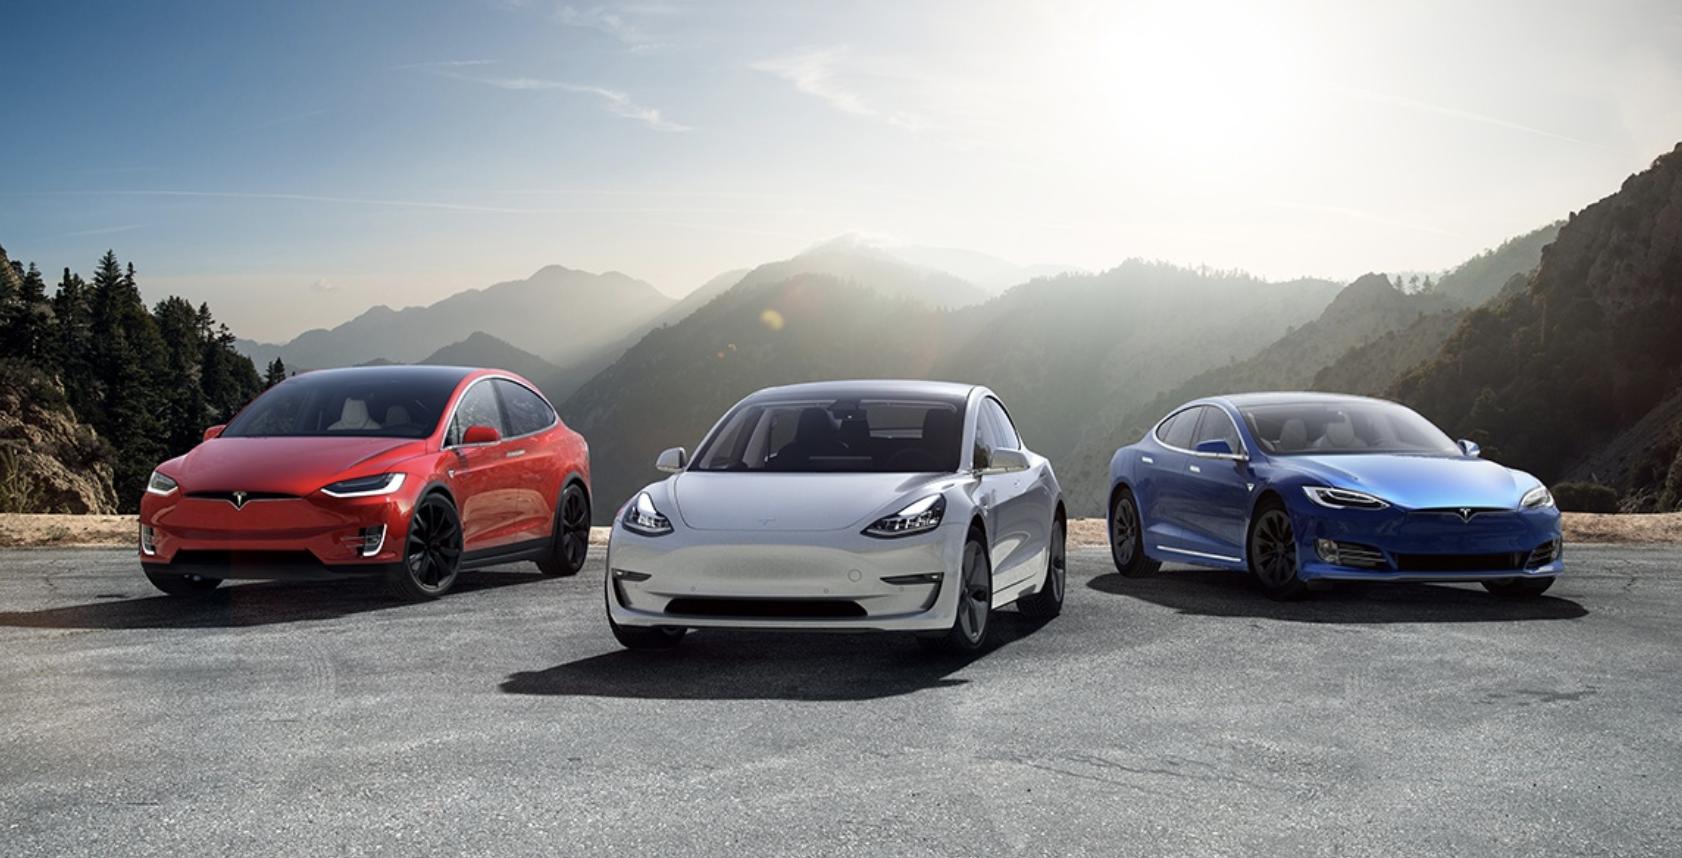 三季度汽车利润率超30%,特斯拉:我是一个没有感情的赚钱机器